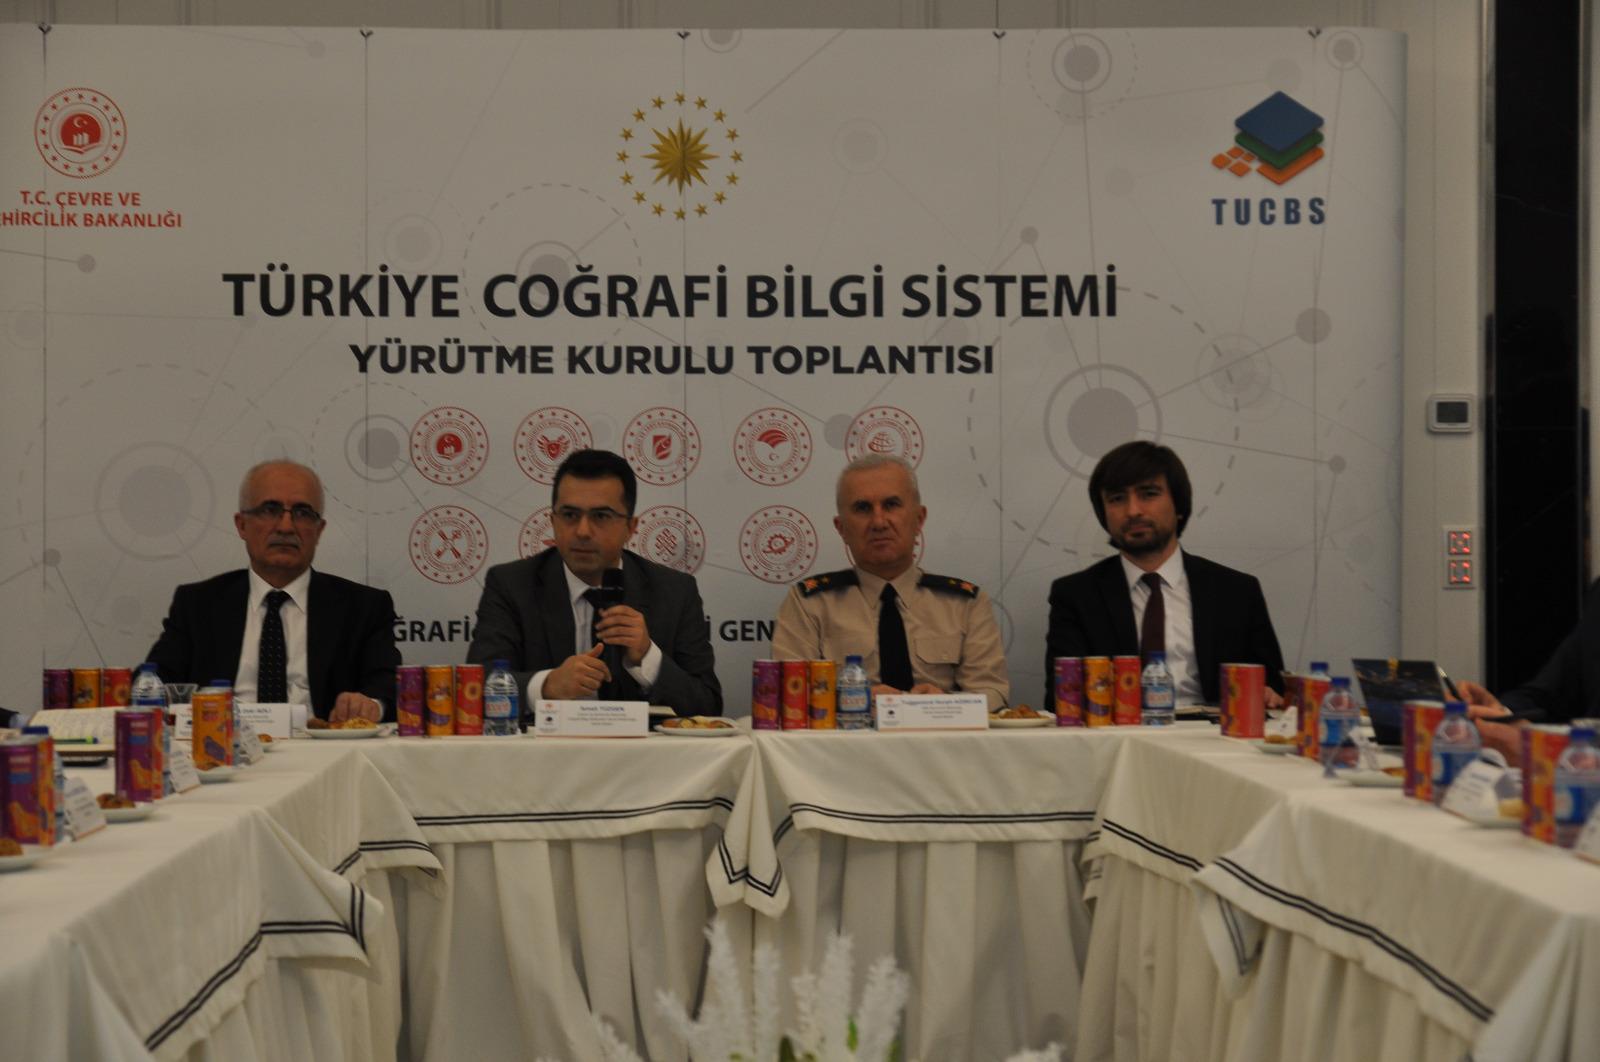 Türkiye Coğrafi Bilgi Sistemi Yürütme Kurulu Toplantısı Gerçekleştirildi.